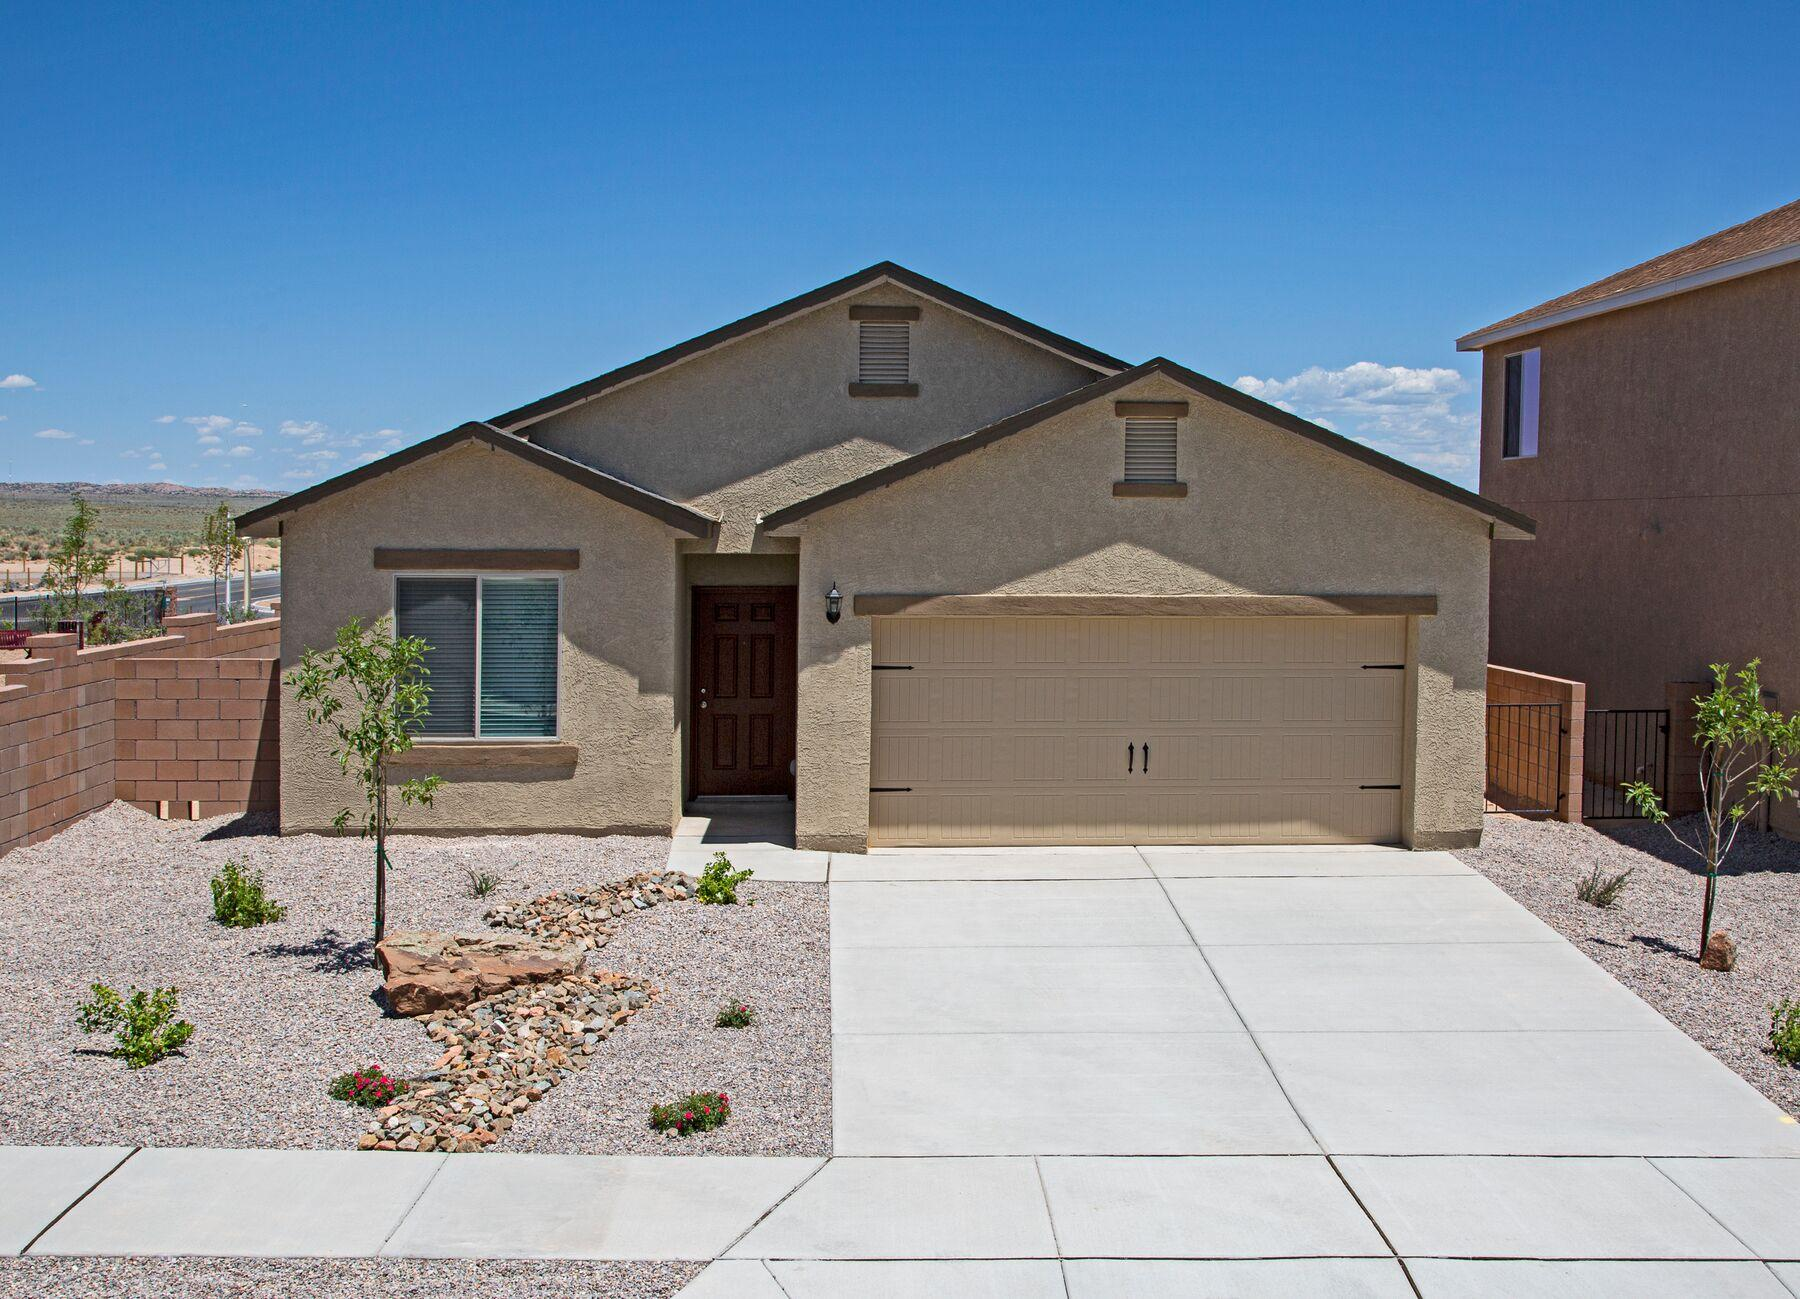 3619 Timberline Road NE, Rio Rancho, NM 87124 - Rio Rancho, NM real estate listing